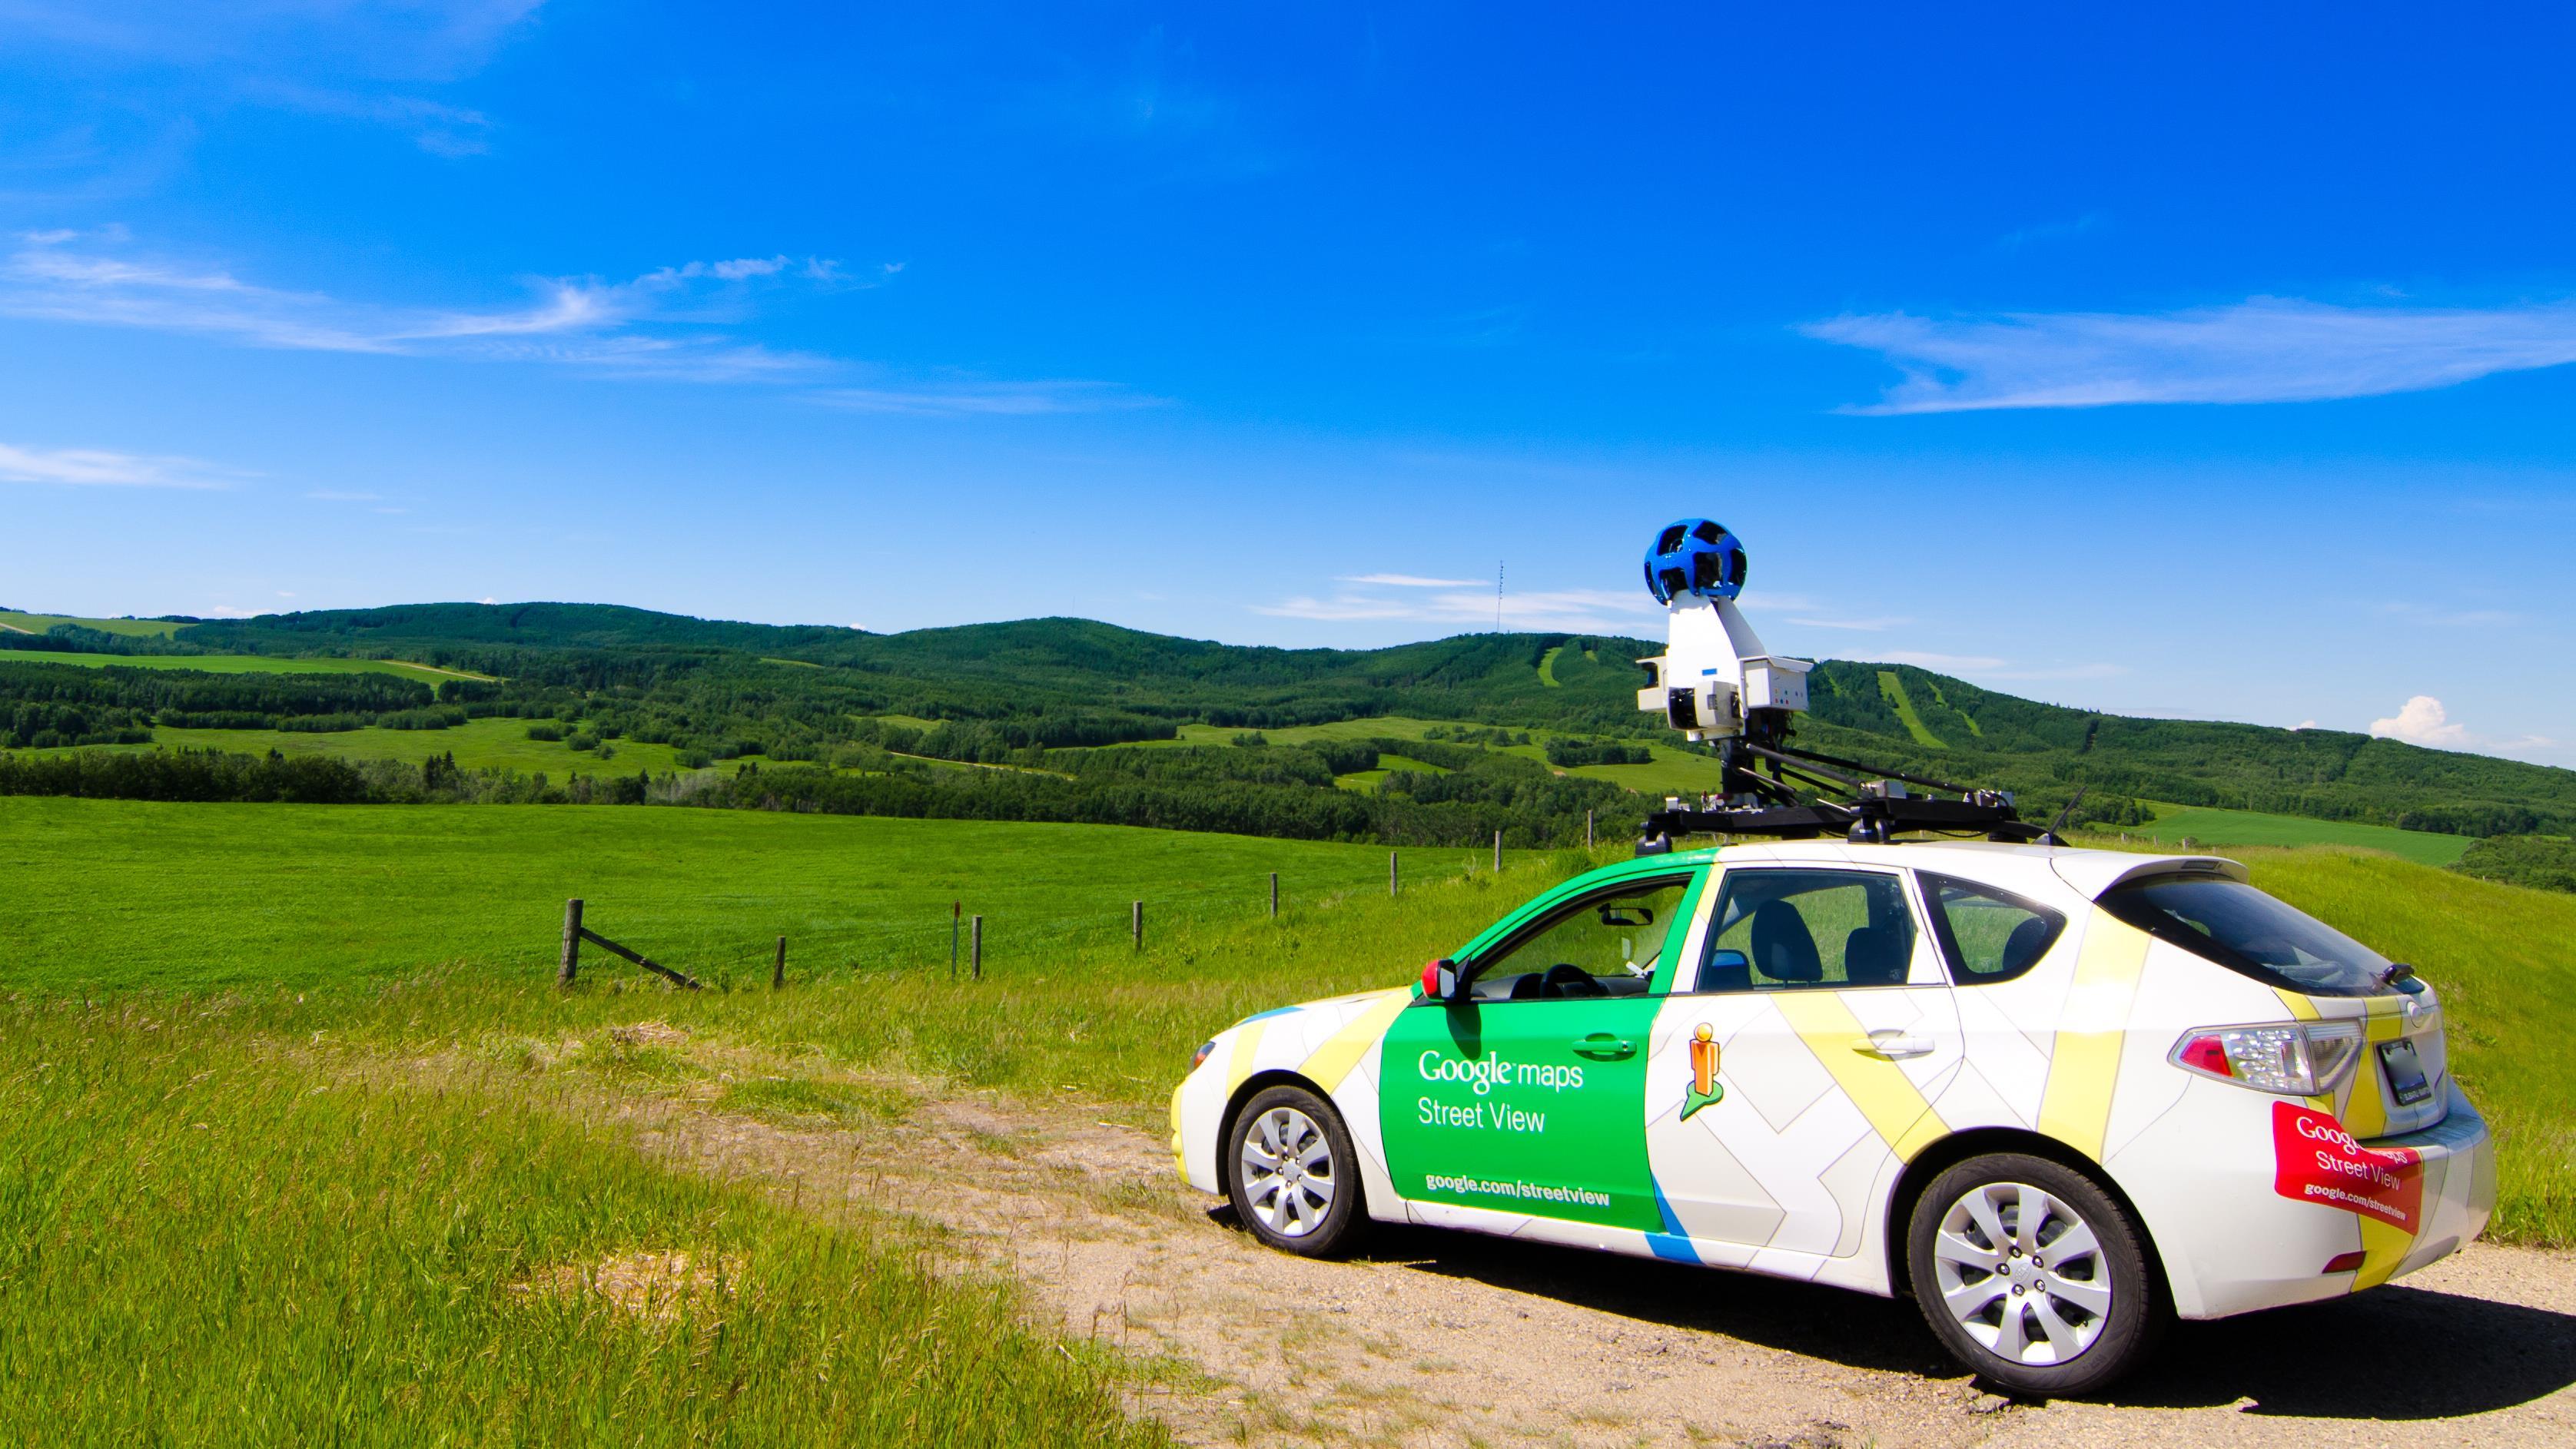 Google dément relancer un service cartographique en Chine